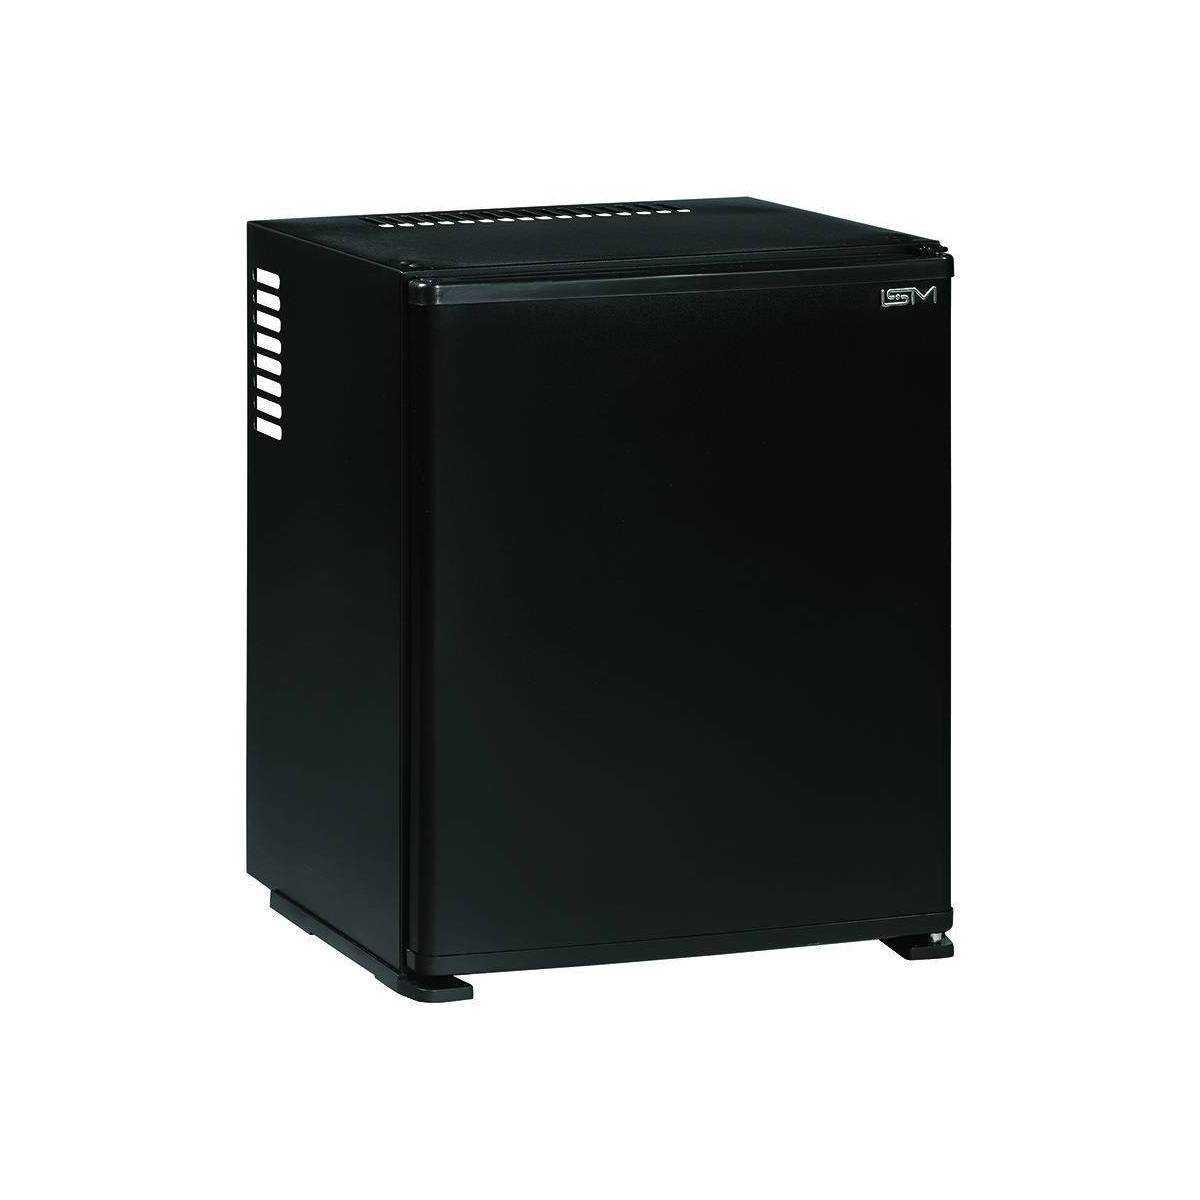 Мини-бар ISM 40 C&C для гостиниц, бескомпрессорный холодильник СС40 ISM